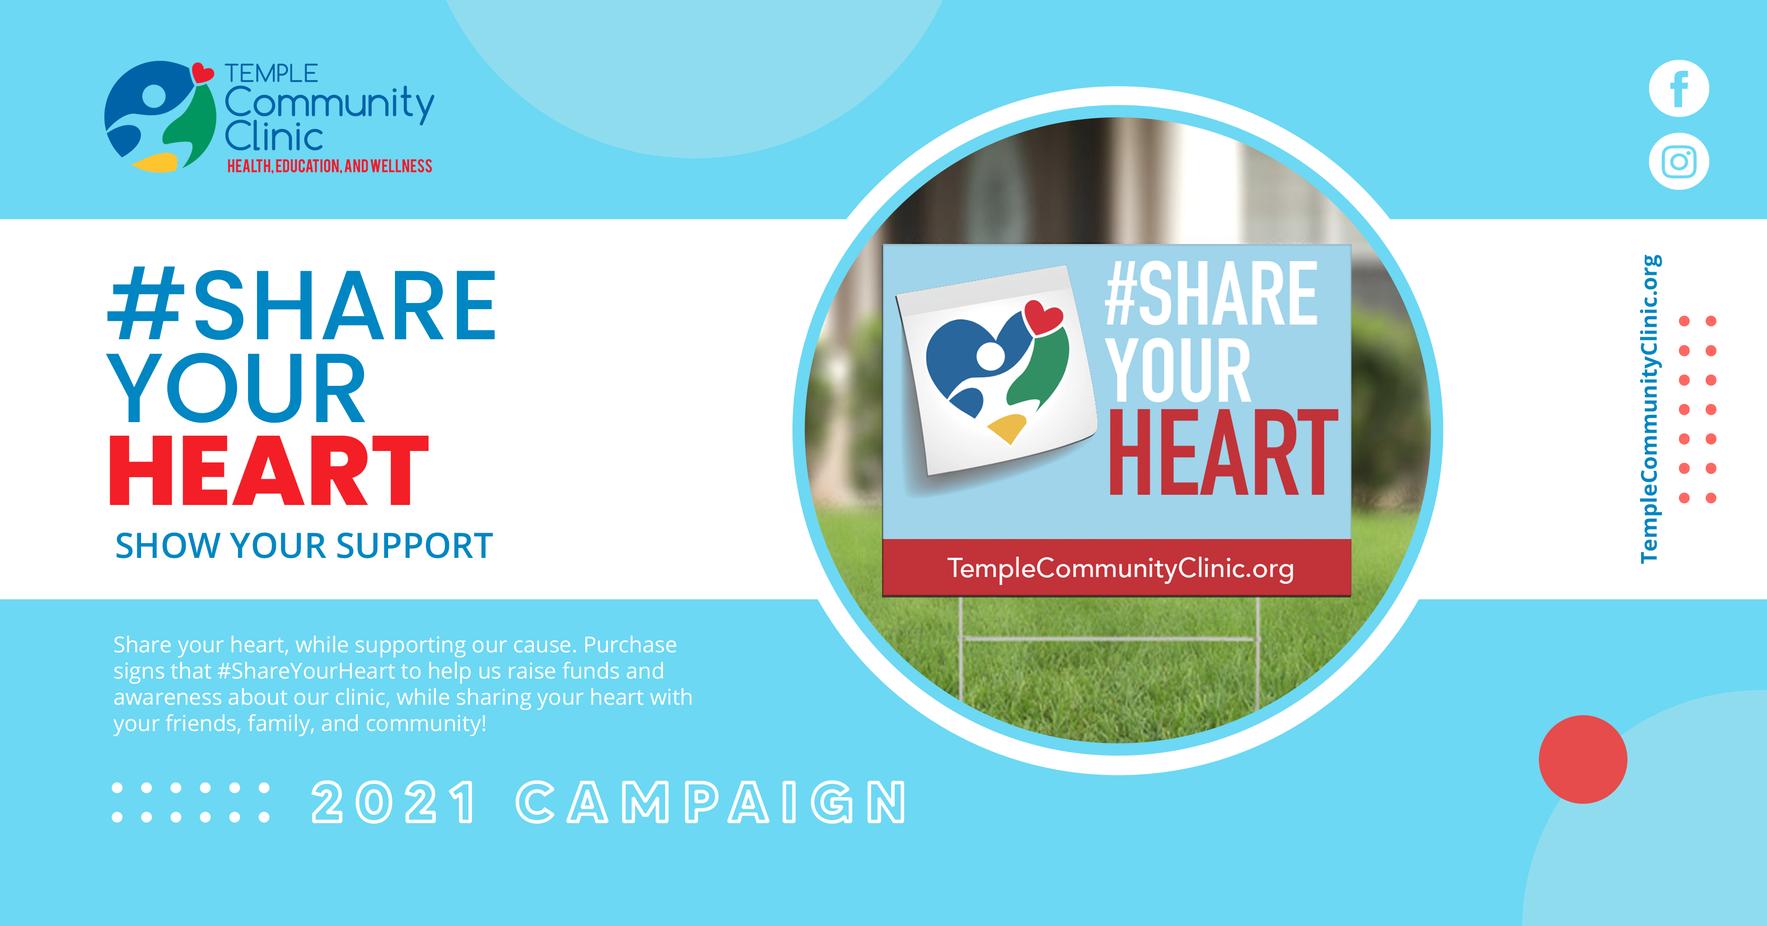 #ShareYourHeart image